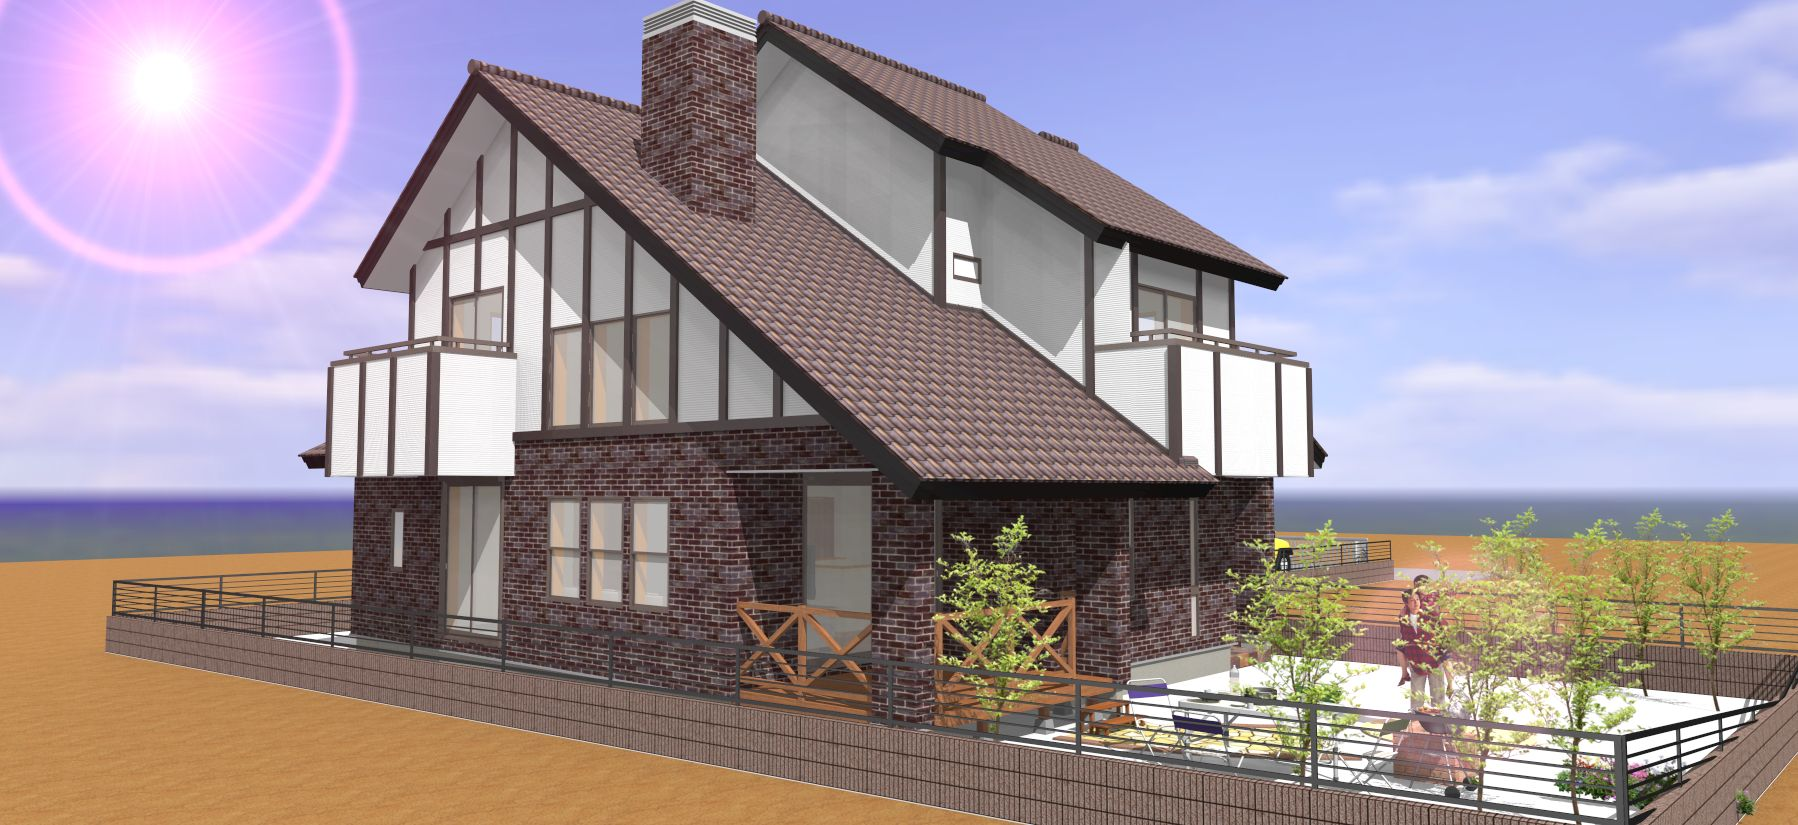 チューダー様式住宅